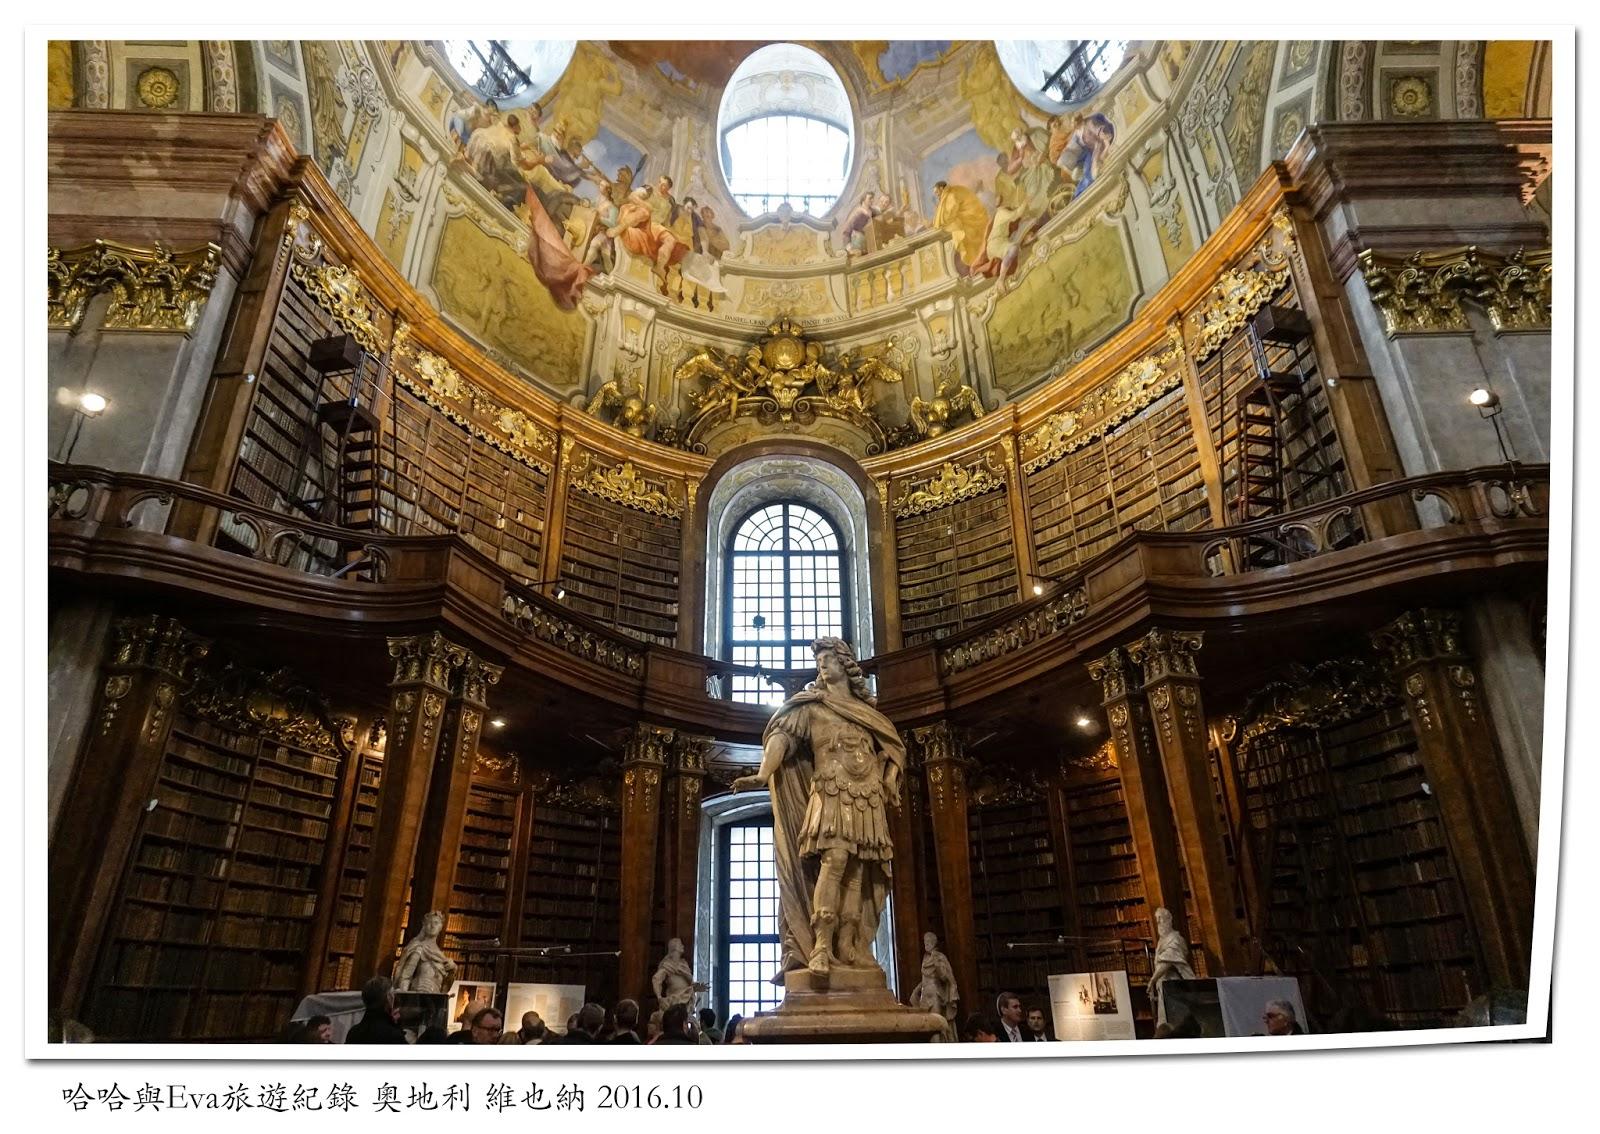 [奧地利 維也納] 最美圖書館之一 奧地利國家圖書館 Österreichische Nationalbibliothek - 哈哈 與 EVA 旅遊紀錄